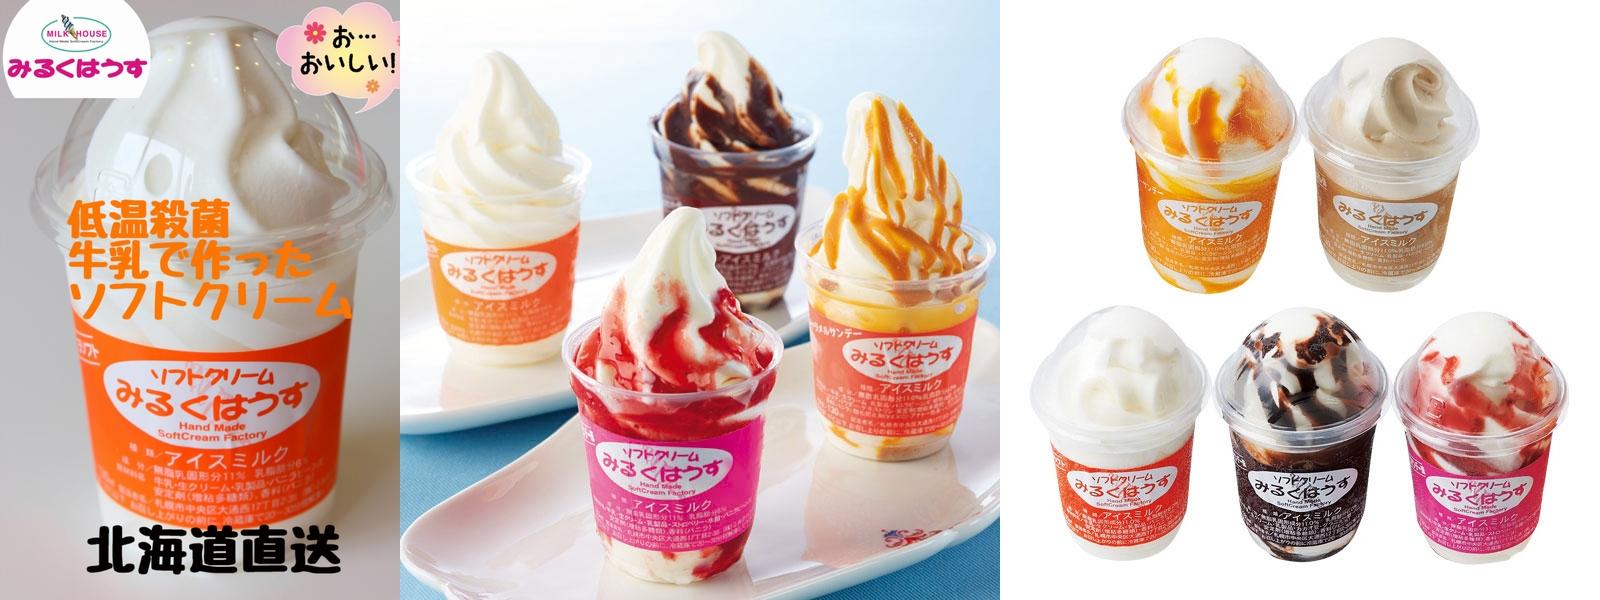 北海道・札幌ミルクハウス おすすめソフトクリーム 通販ショップ